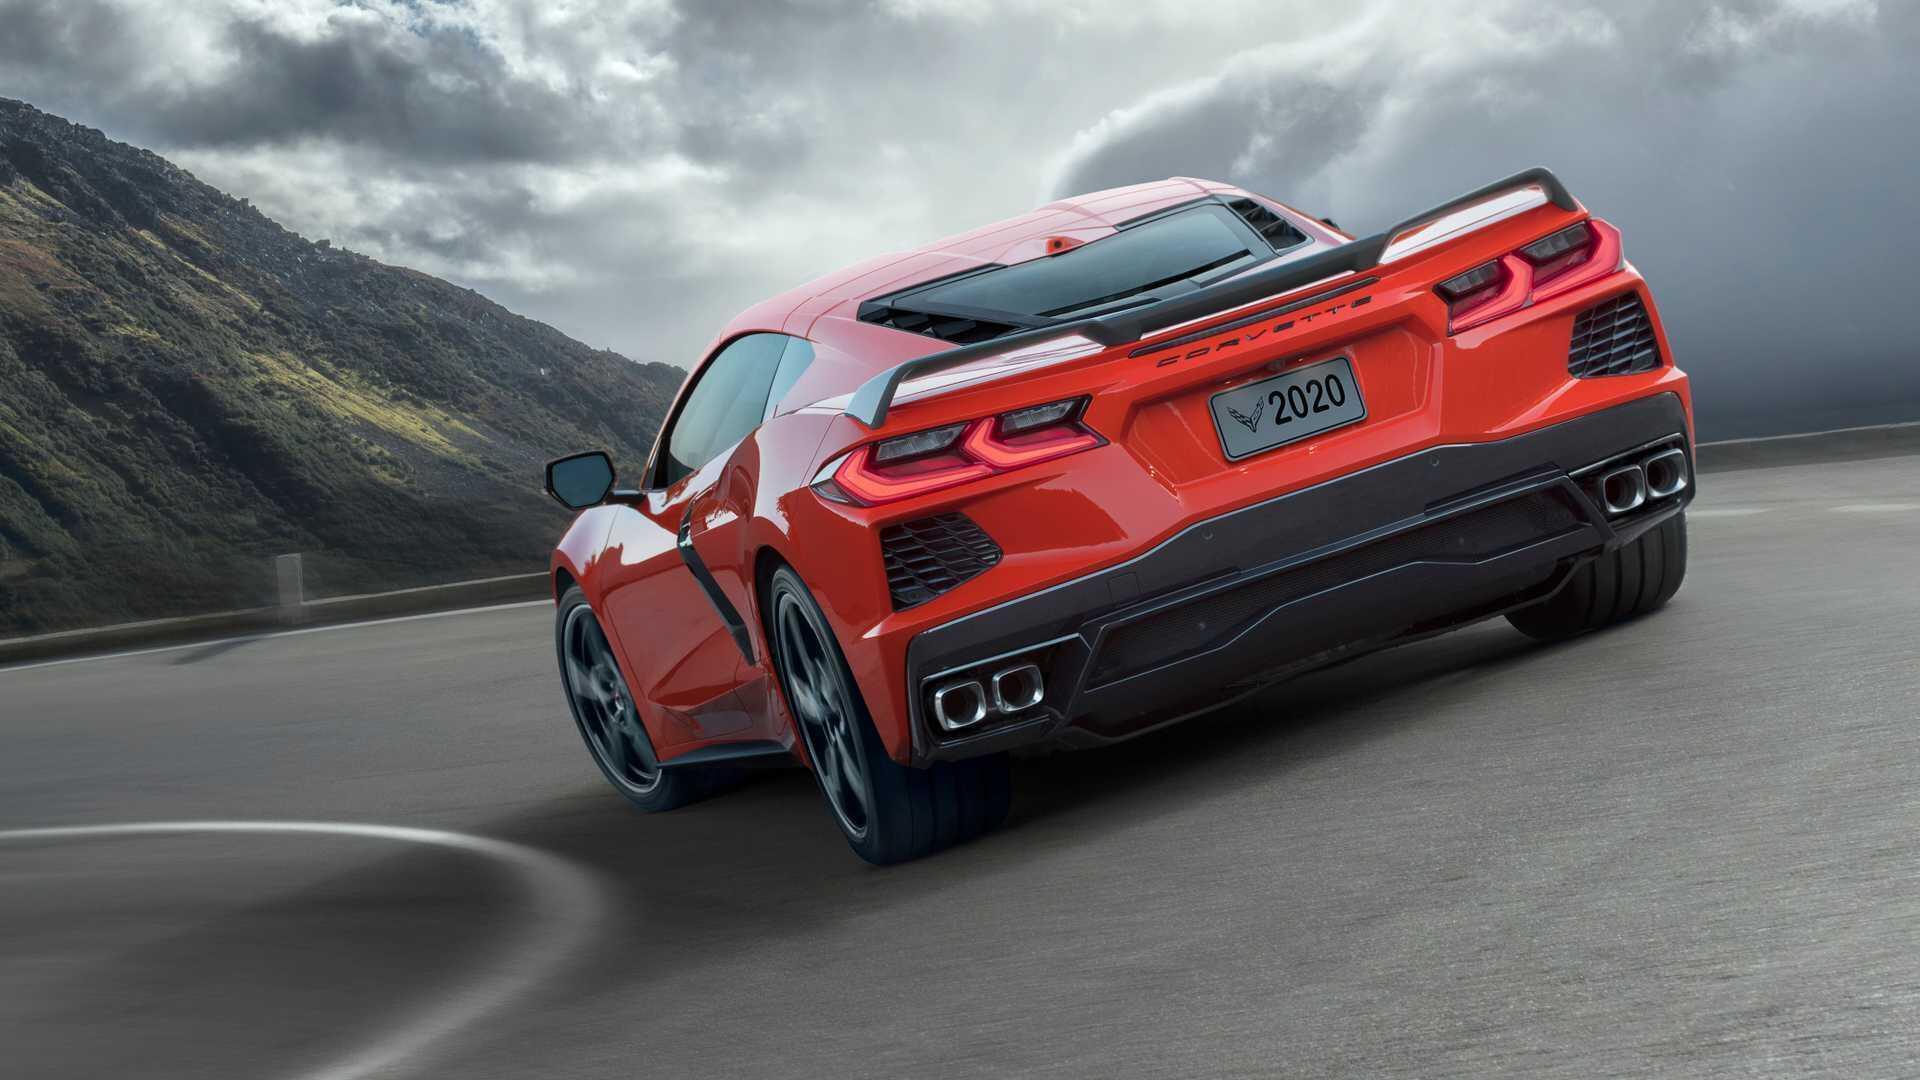 https://cdn.dailyxe.com.vn/image/chevrolet-corvette-2020-co-mot-so-tinh-nang-an-tuyet-voi-39-94534j2.jpg